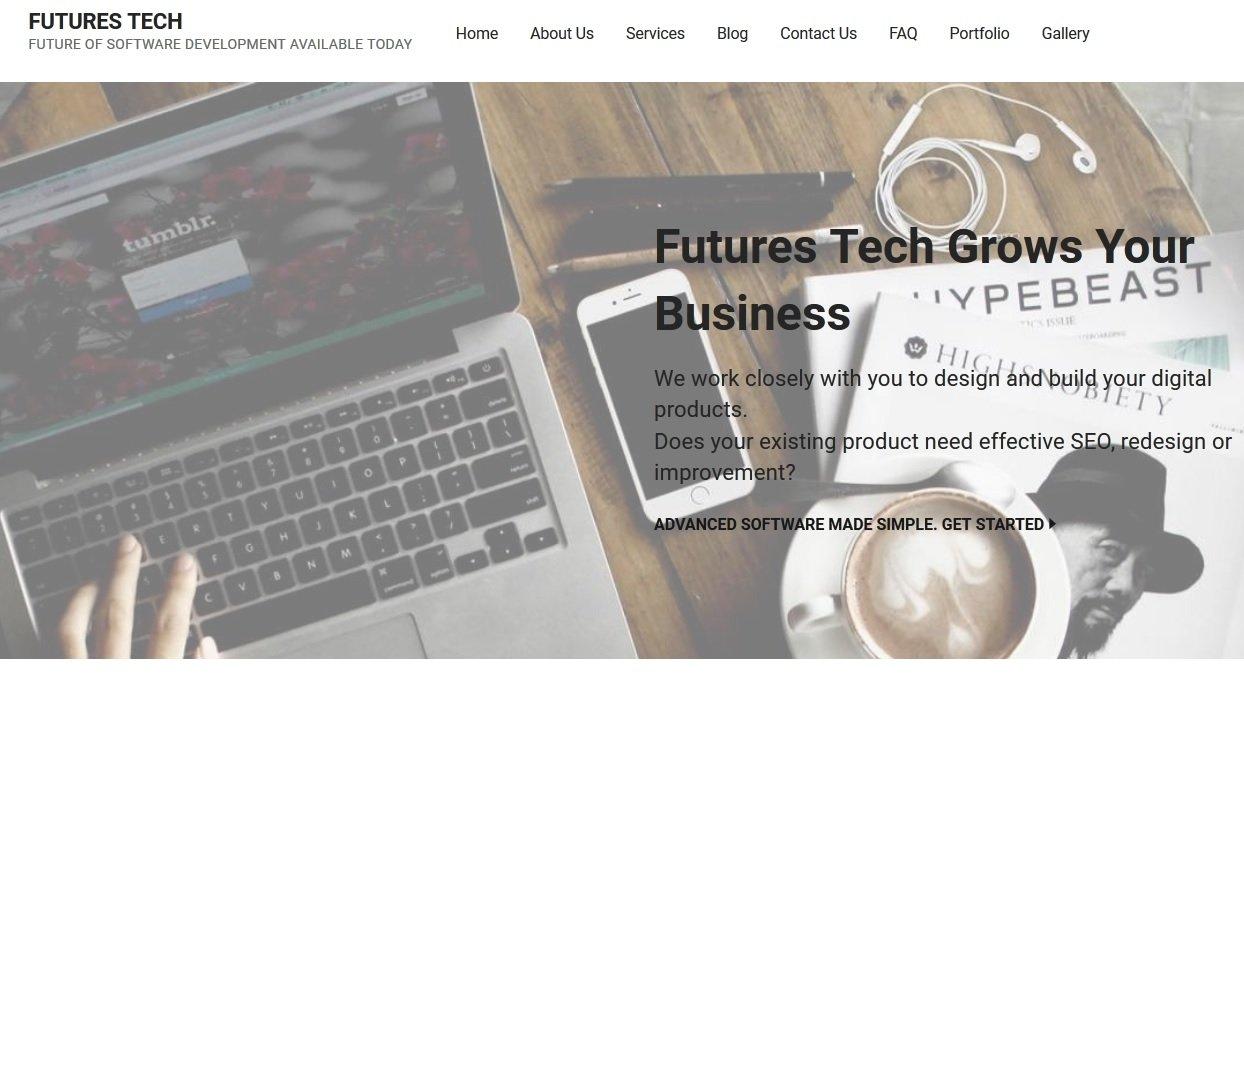 Futures Tech